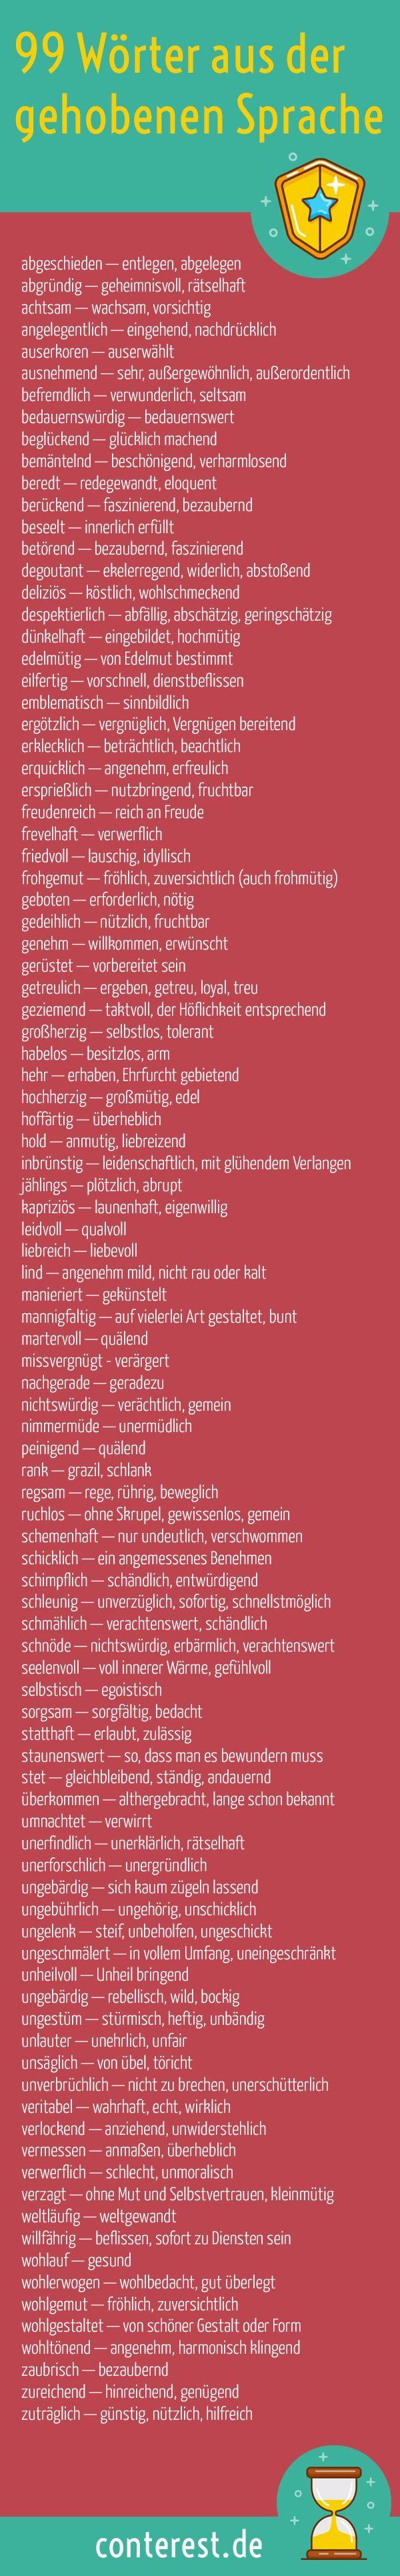 99 Eigenschaftswörter aus der gehobenen Sprache für gefühlvollere Texte